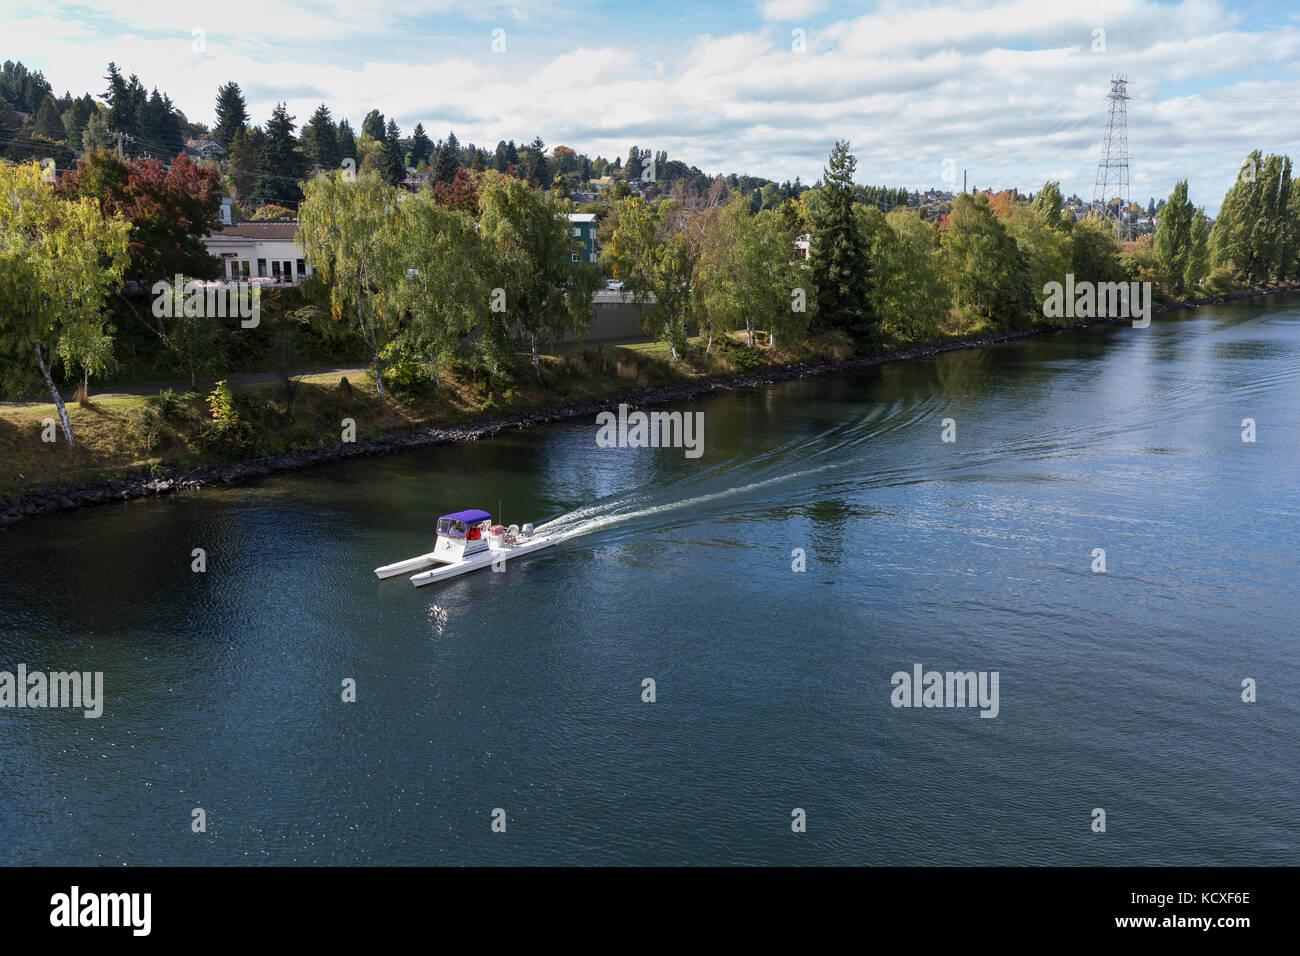 Seattle, Washington: University of Washington coach boat sailing along Fremont Cut towards Lake Union. - Stock Image